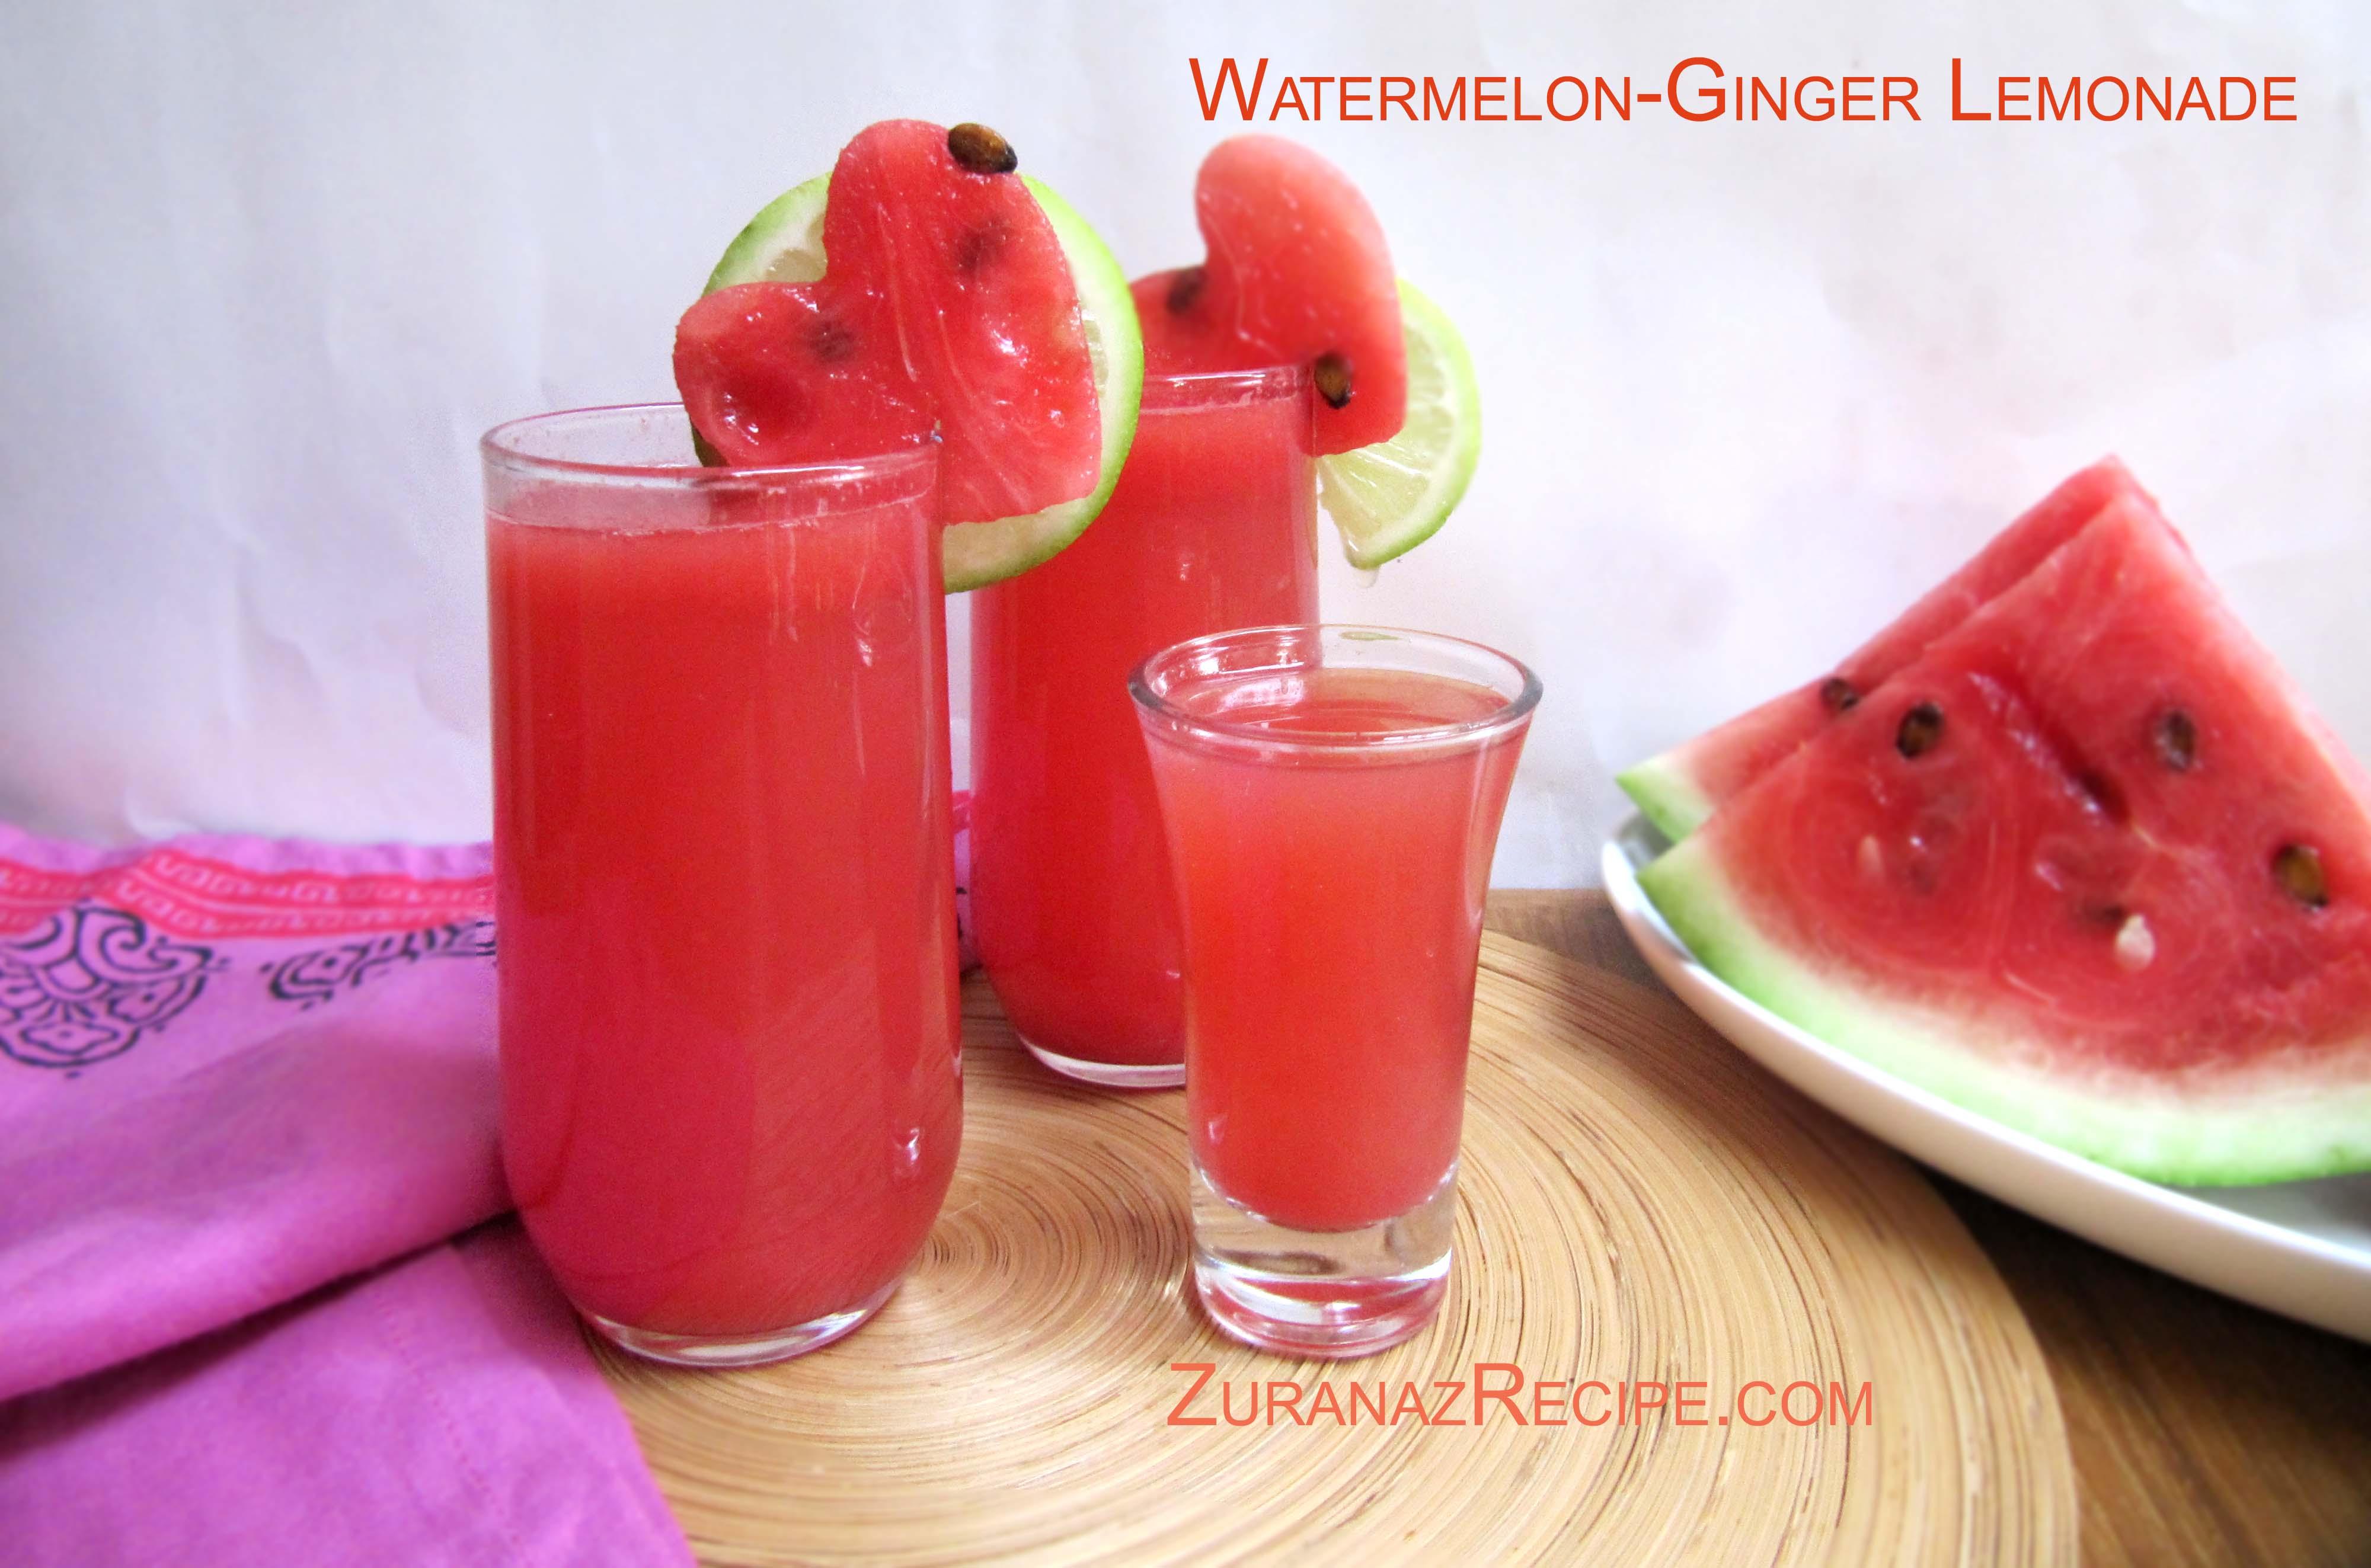 Watermelon-Ginger Lemonade/Watermelon-Ginger Sharbat